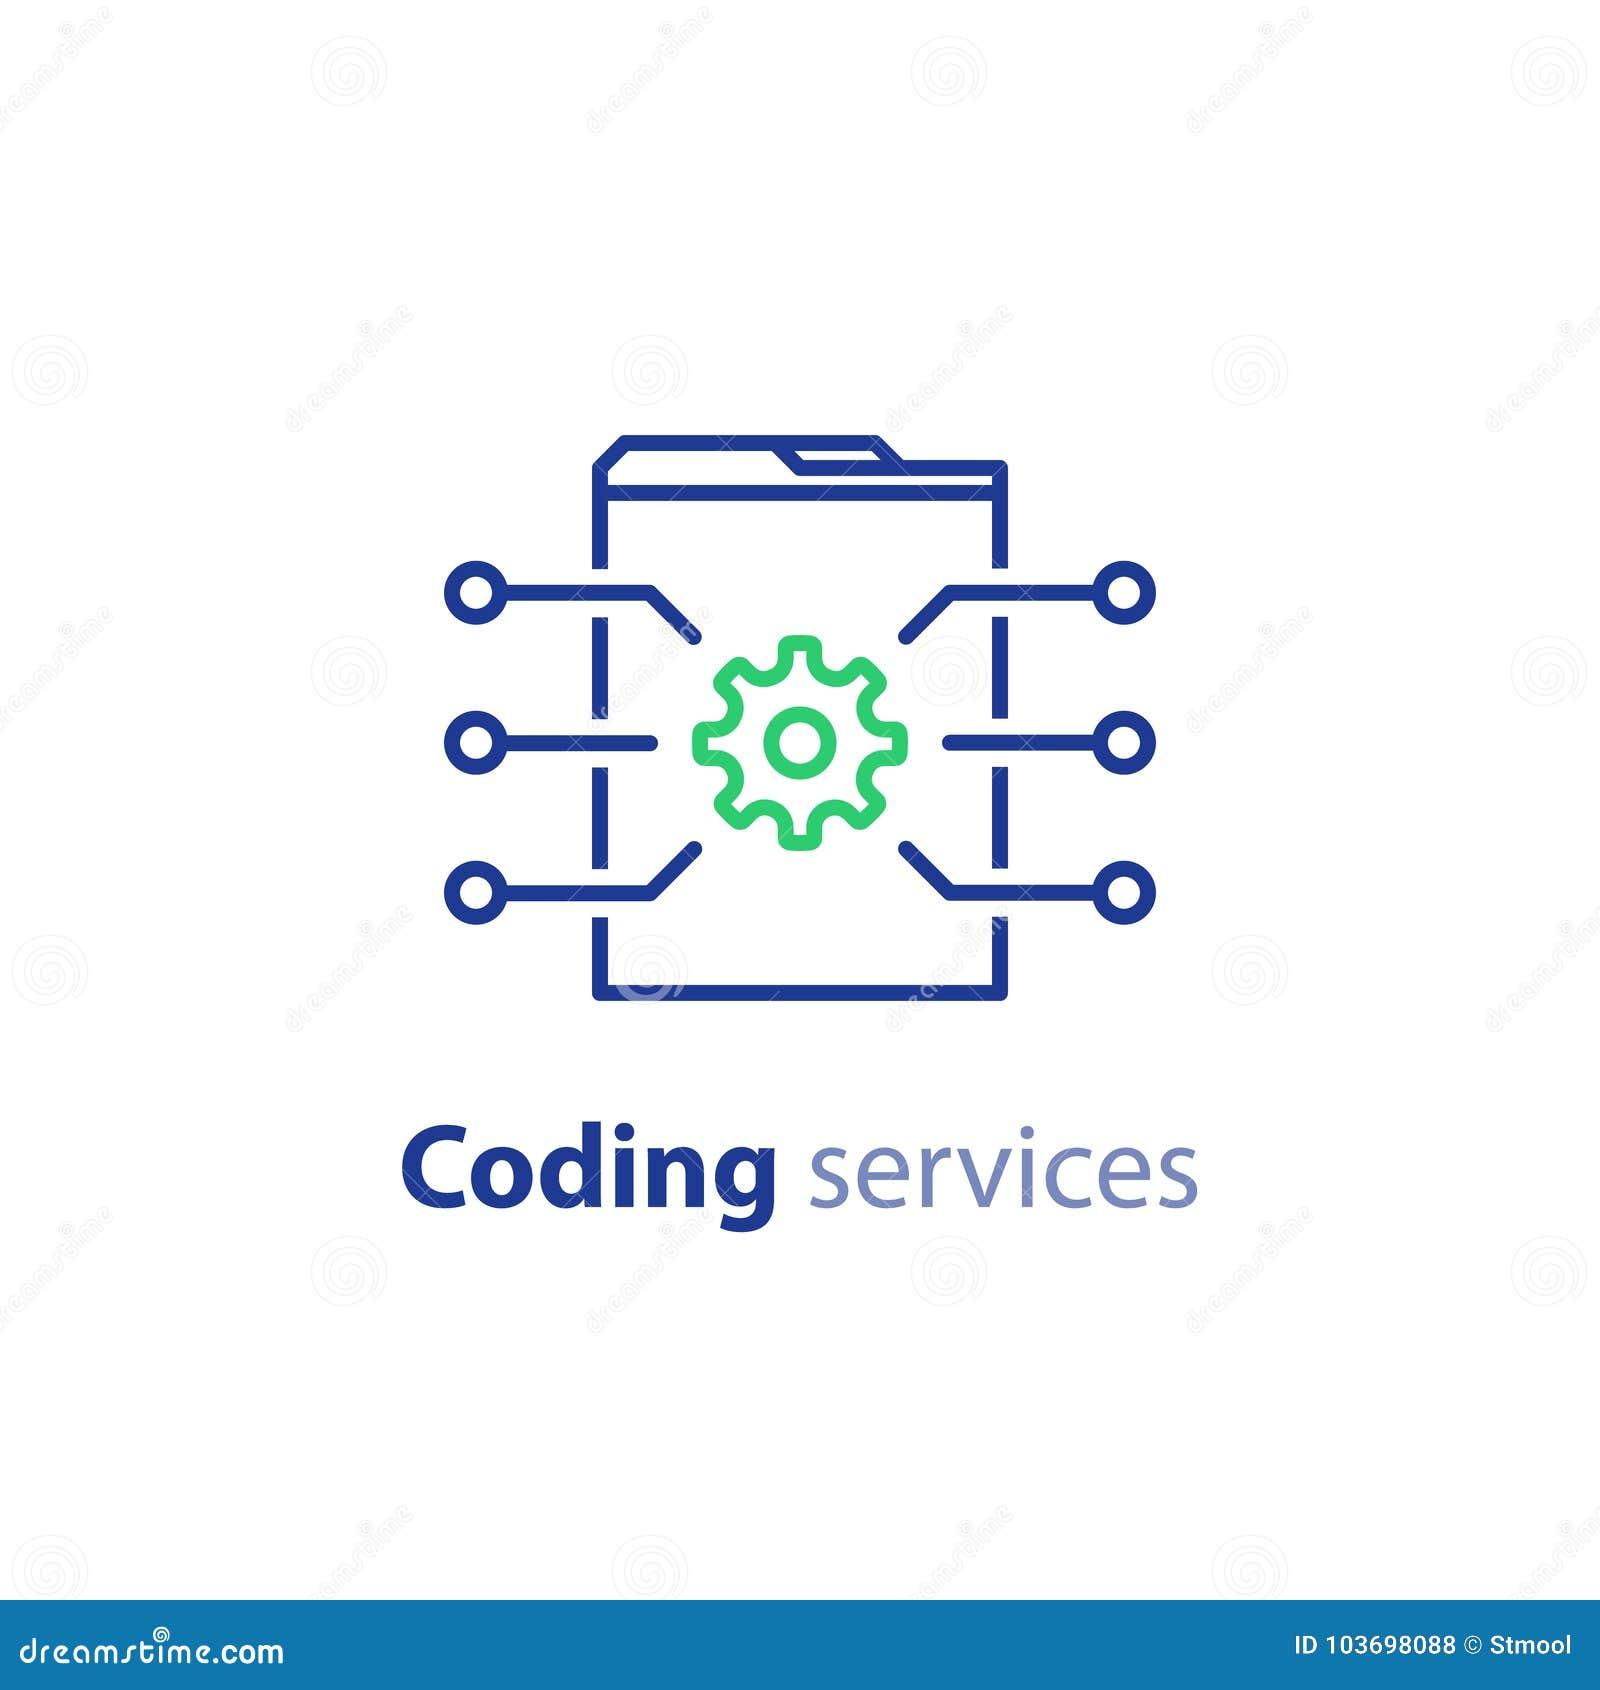 Software-ontwikkeling, Internet-technologie, de coderende diensten, innovatieconcept, websiteontwerp, beleid, slagpictogram